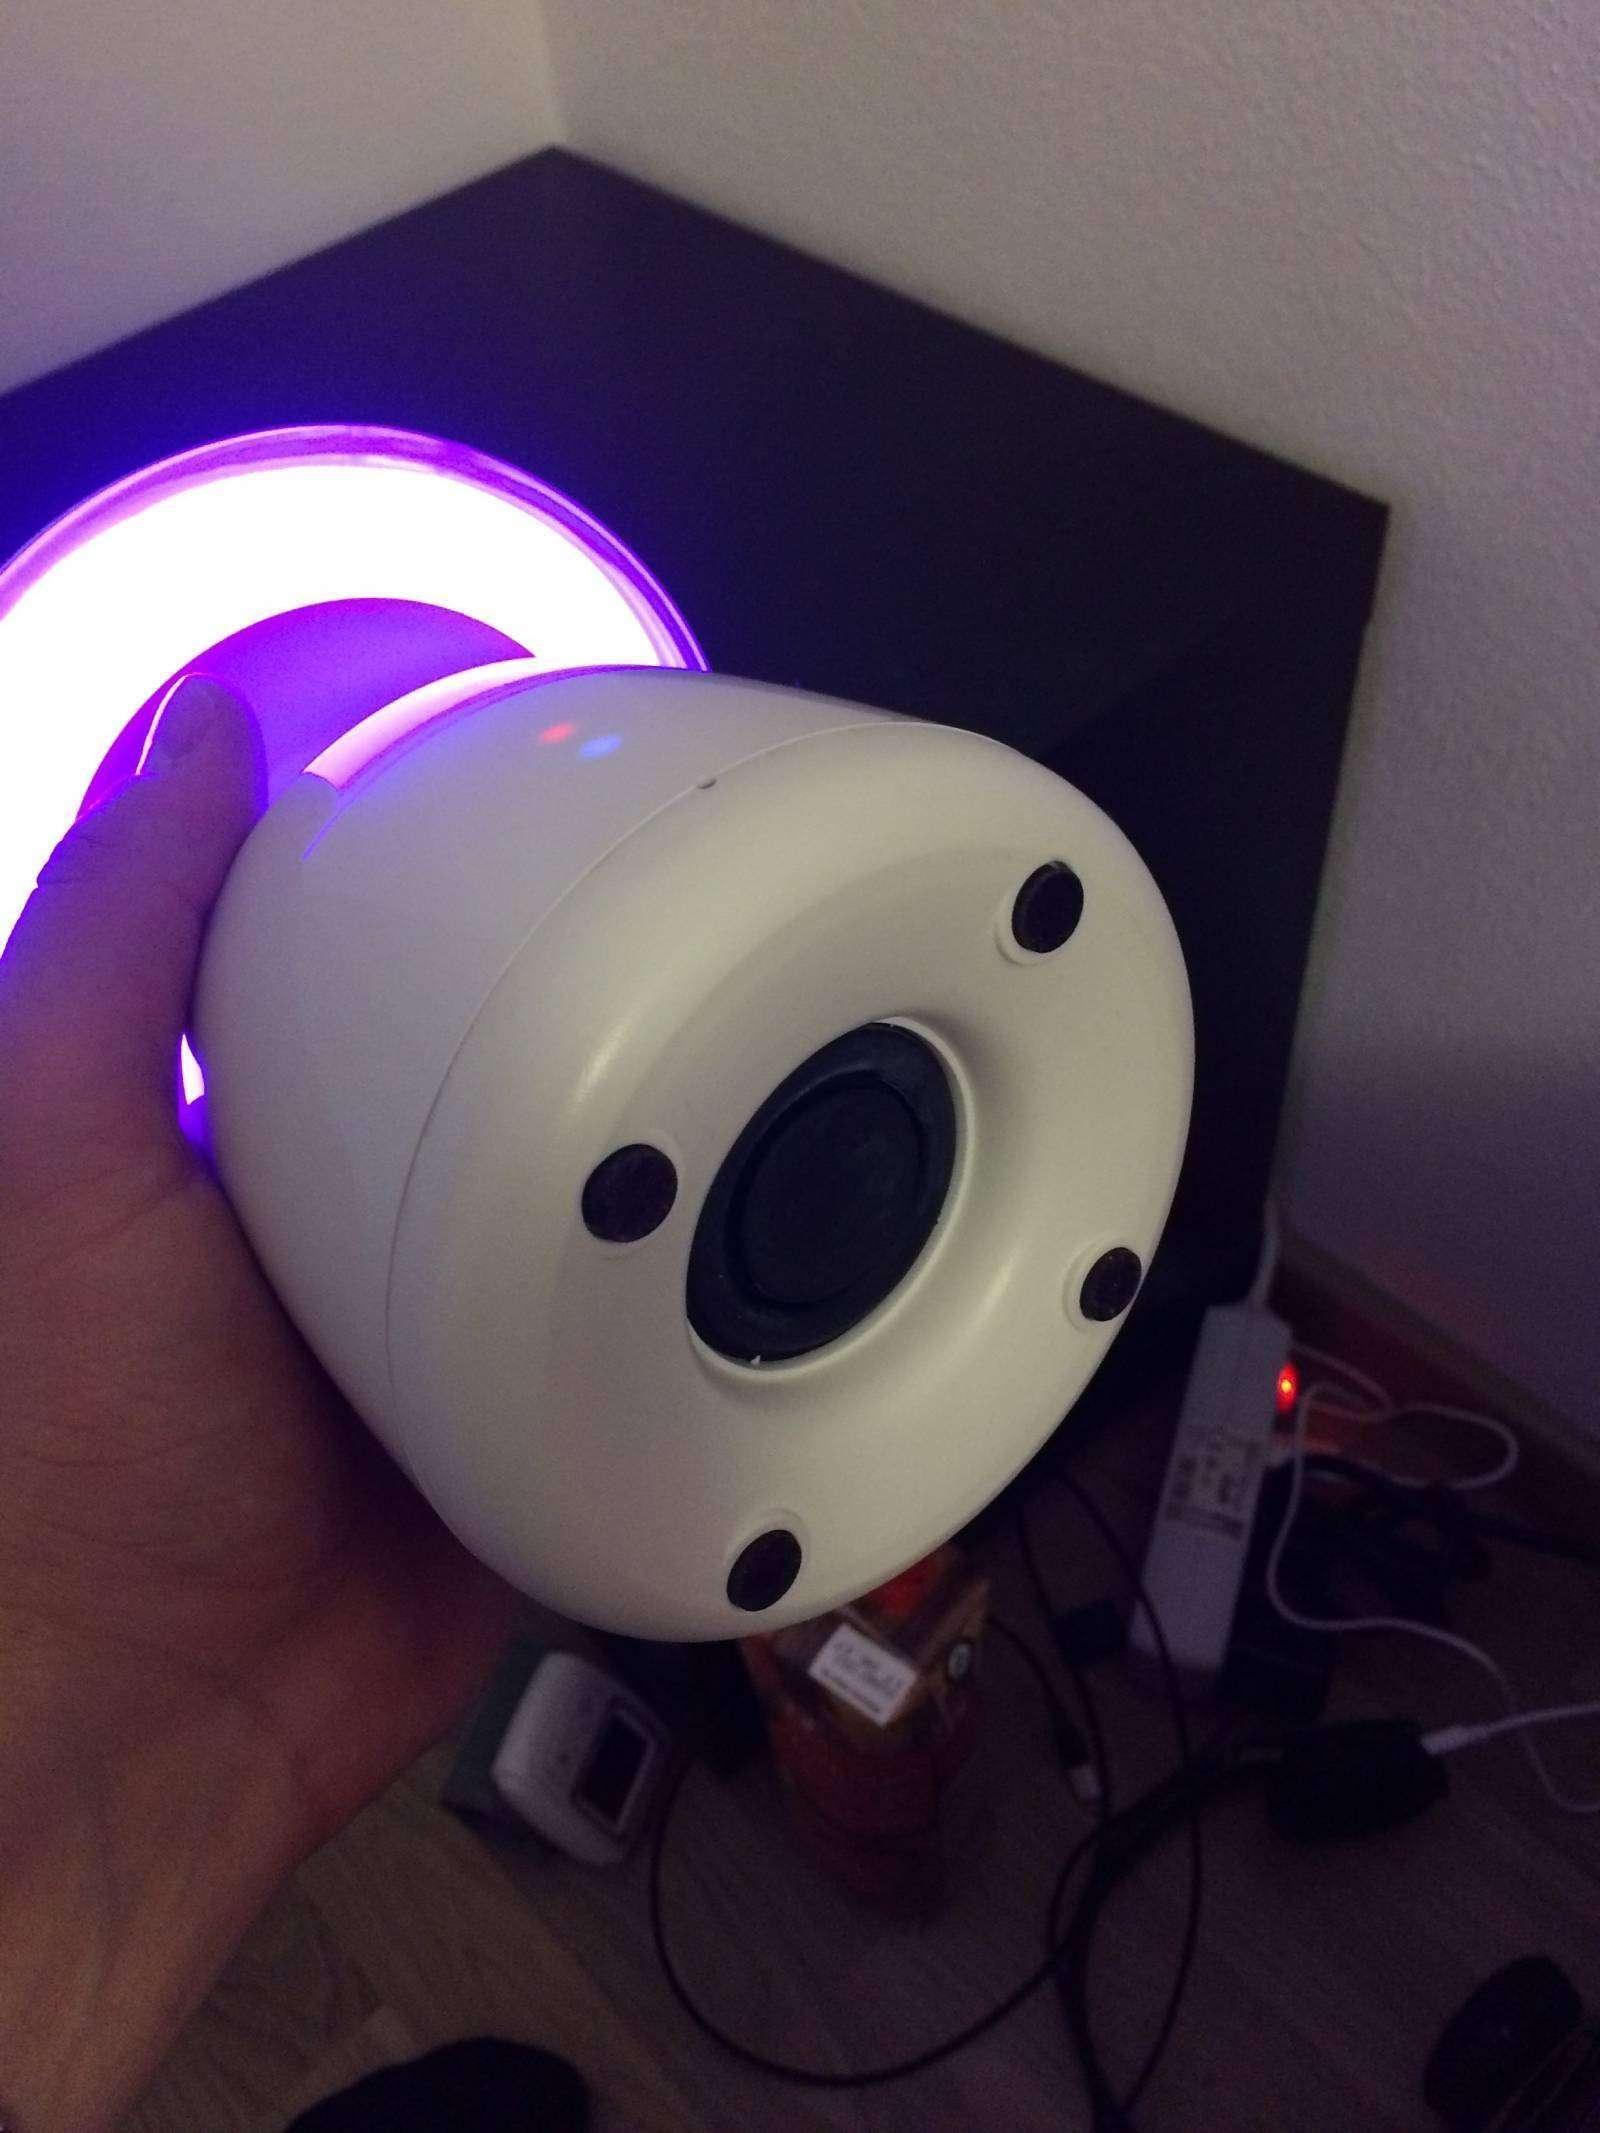 Banggood: 'Умный' ночник+Bluetooth спикер: горечь халявы